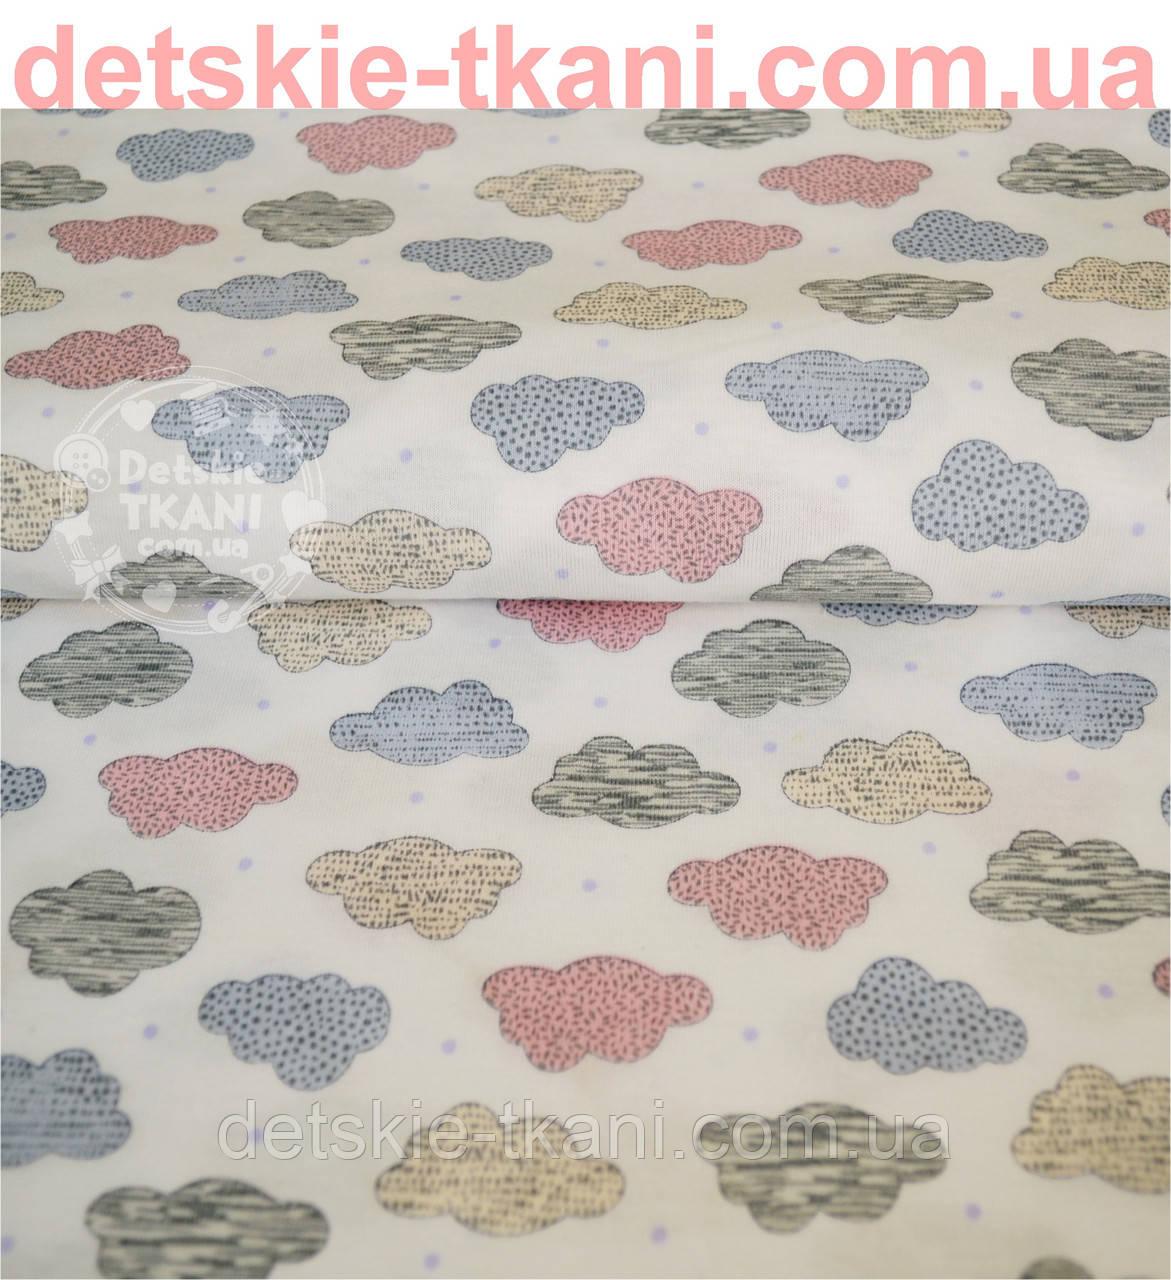 Трикотажное полотно сингл джерси розовые и серые облака на белом фоне.(Польша)